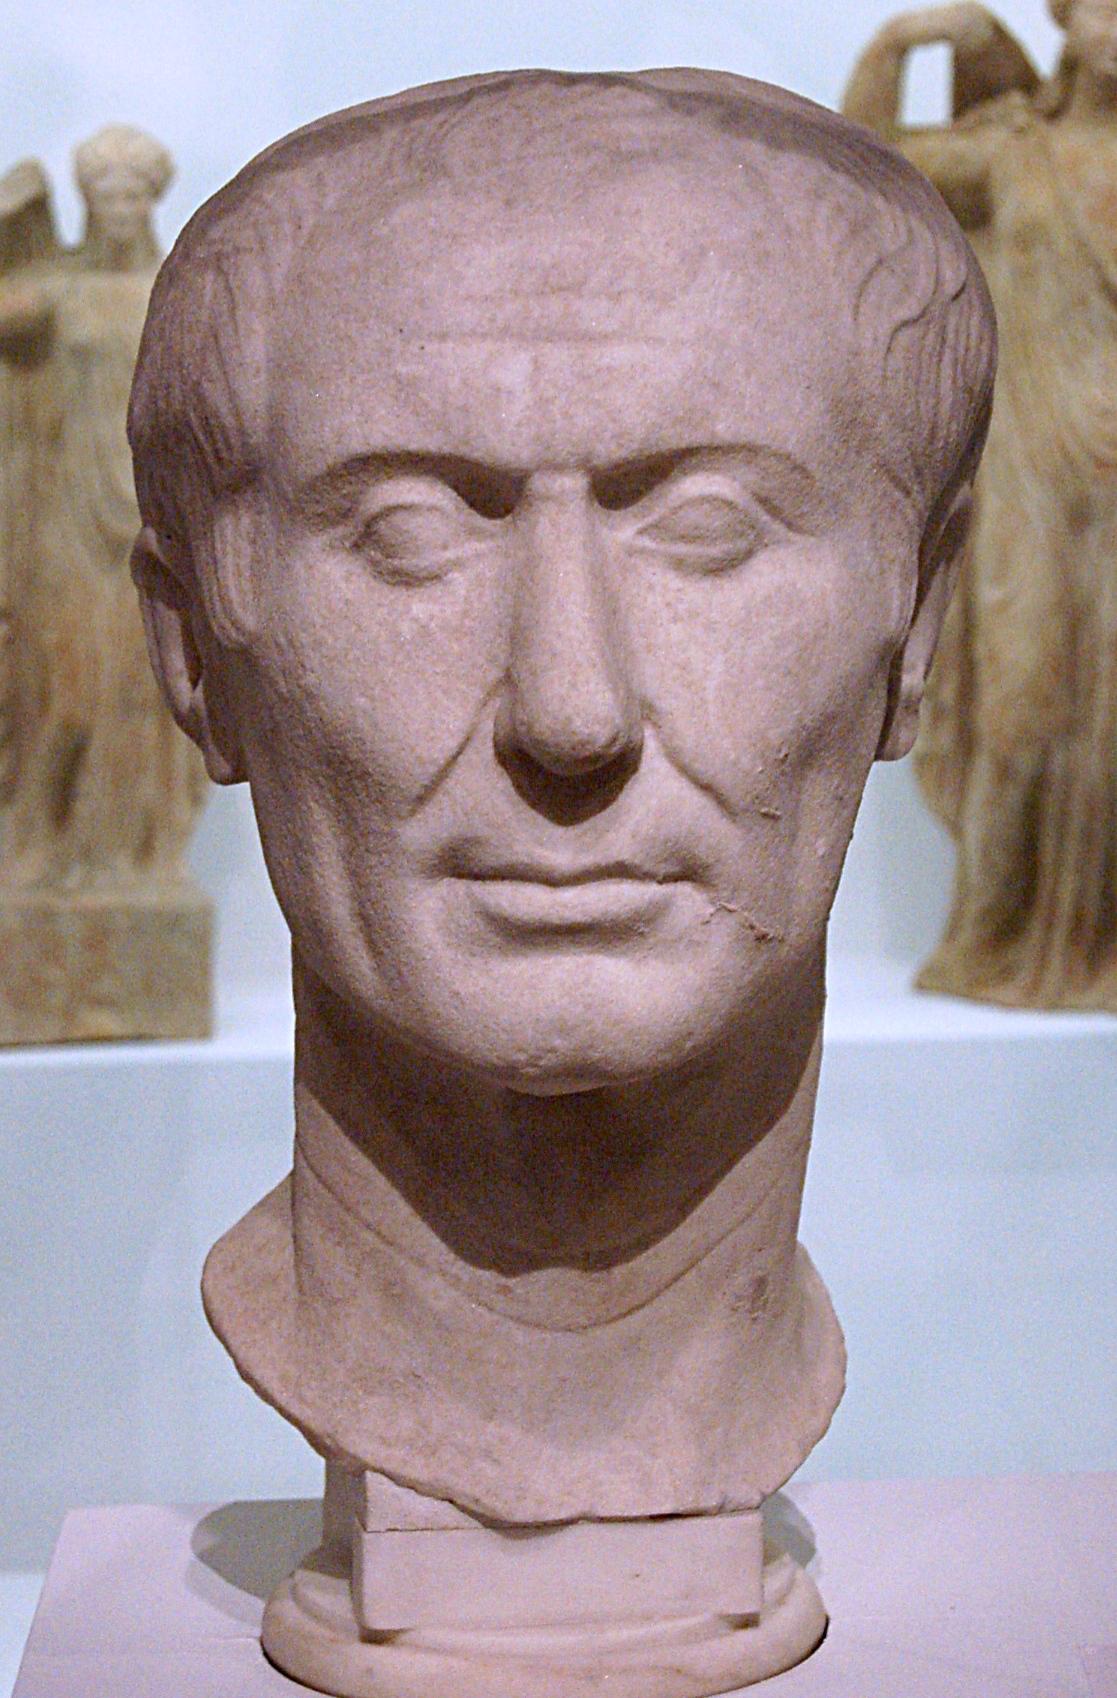 claudius caesar death Born to tiberius claudius nero and livia drusilla in a claudian family, he was given the personal name tiberius claudius nero tiberius caesar london.